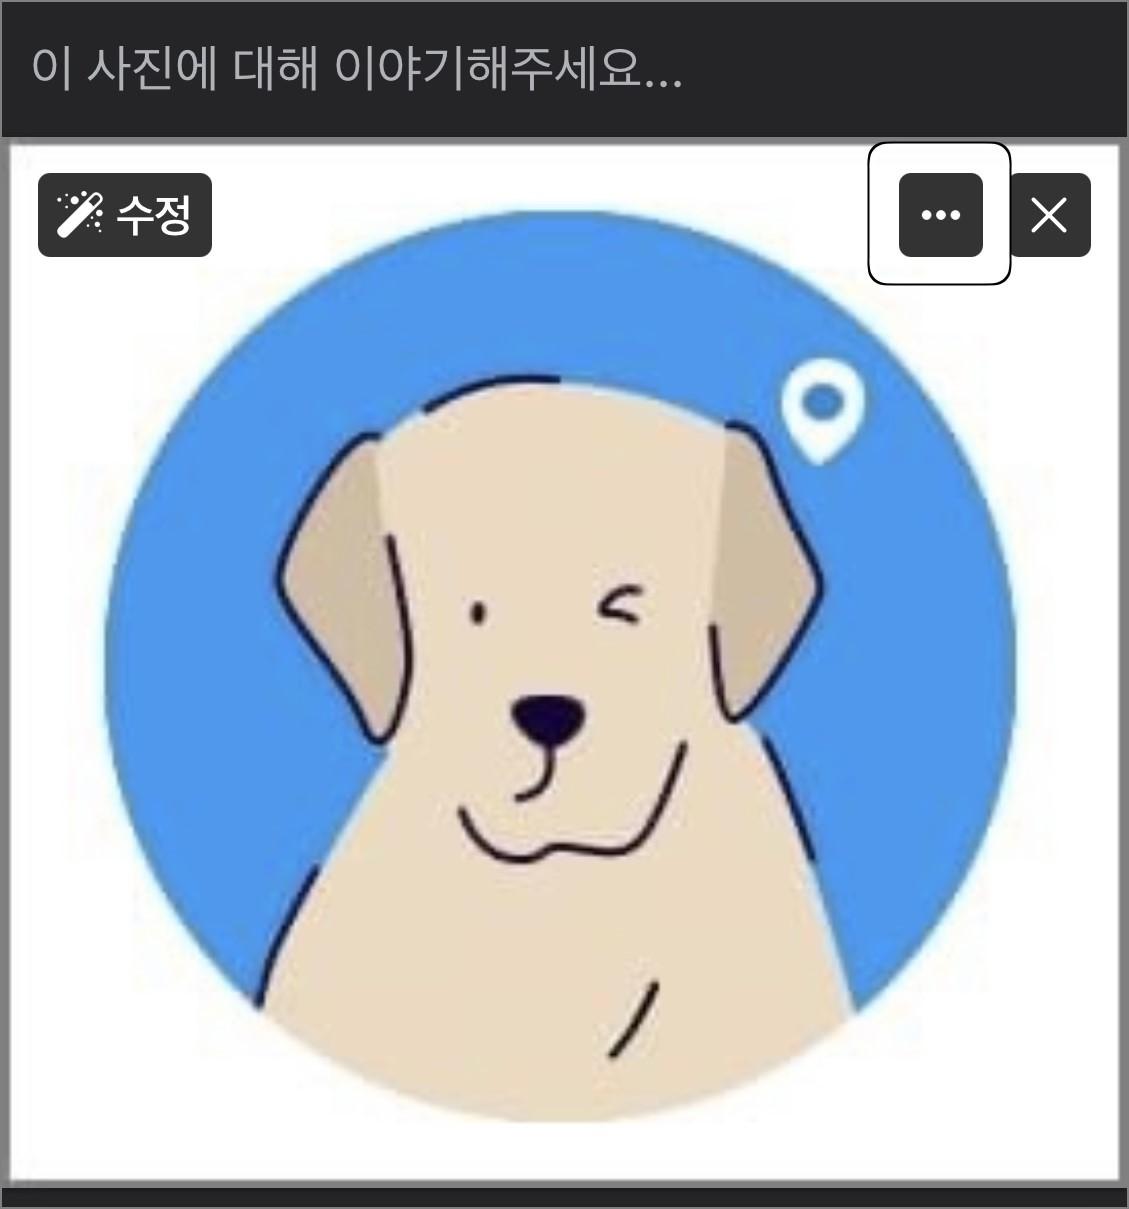 강아지 사진이 업로드돼 있는 게시글 편집창 위 더보기 버튼으로 초점이 가 있어 강조돼 있는 이미지